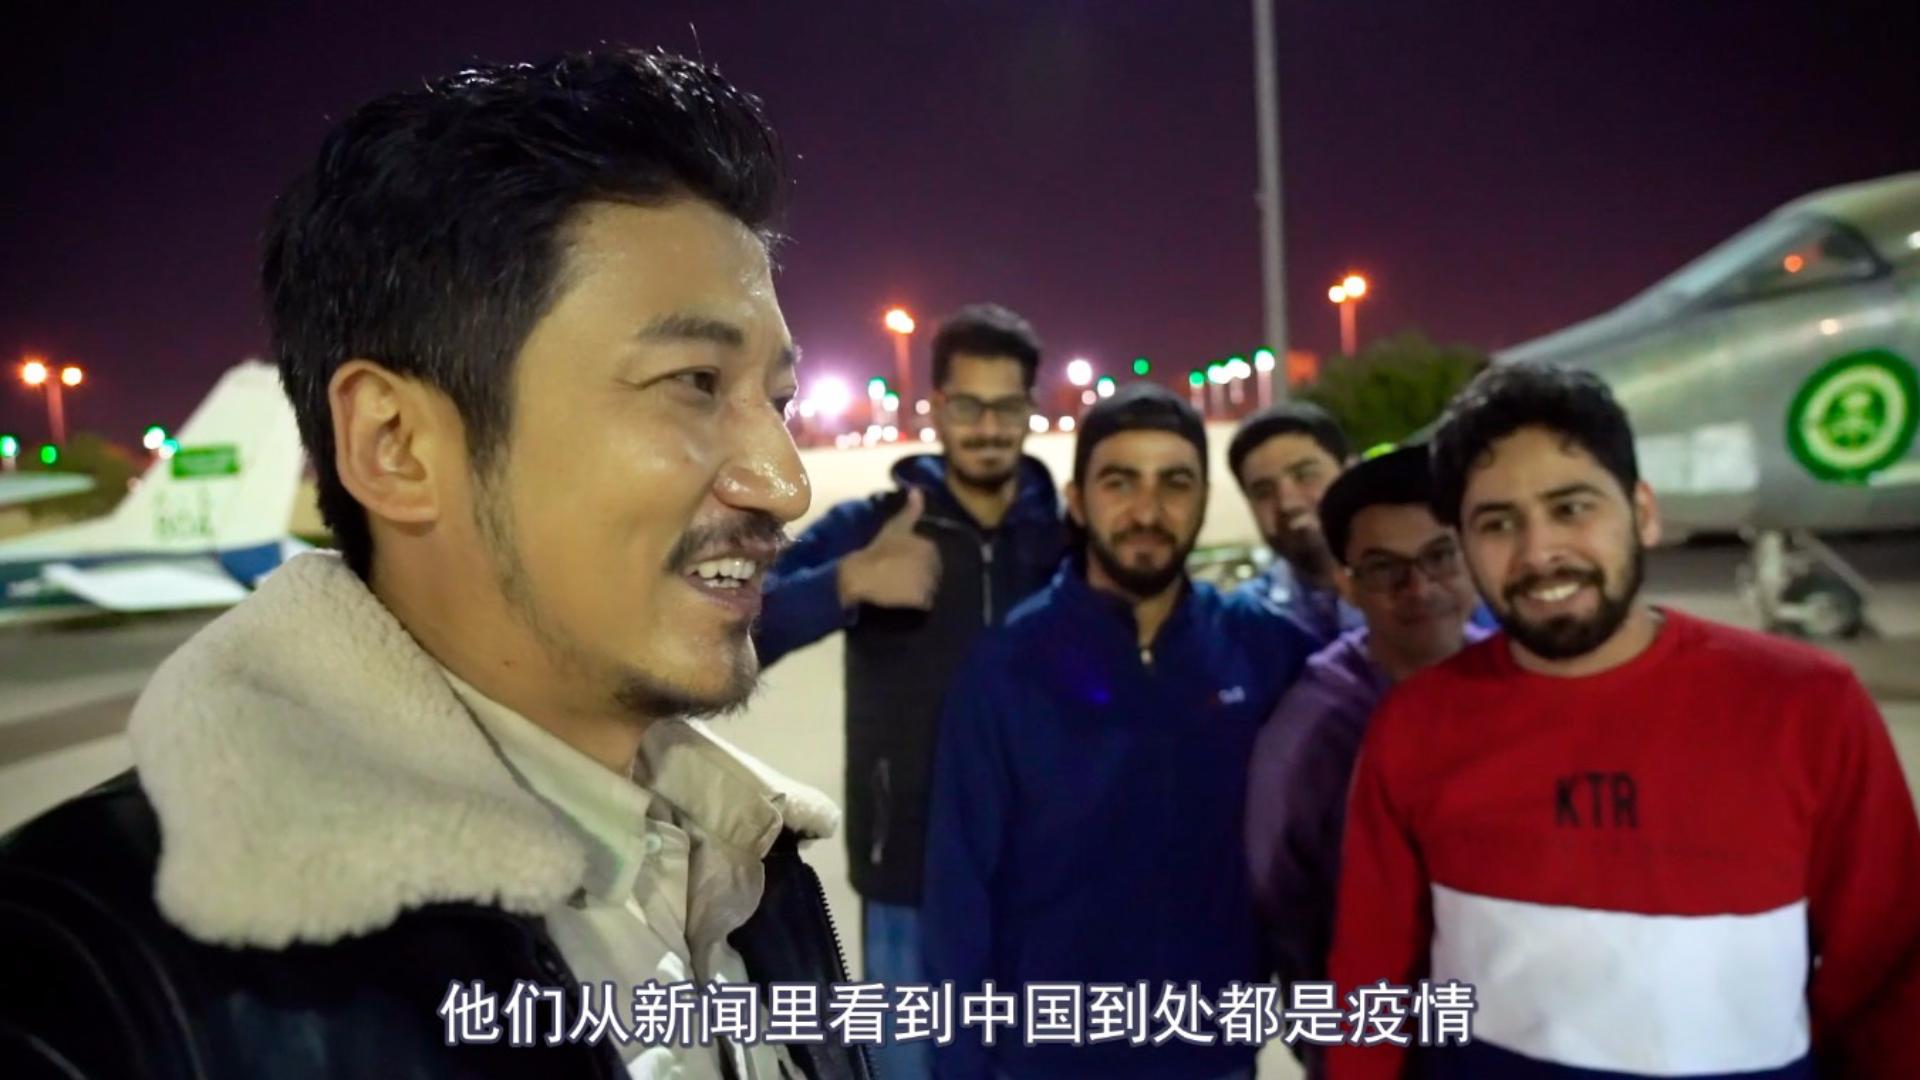 中国大叔参观沙特博物馆被问起疫情,报道当地人觉得很夸张?